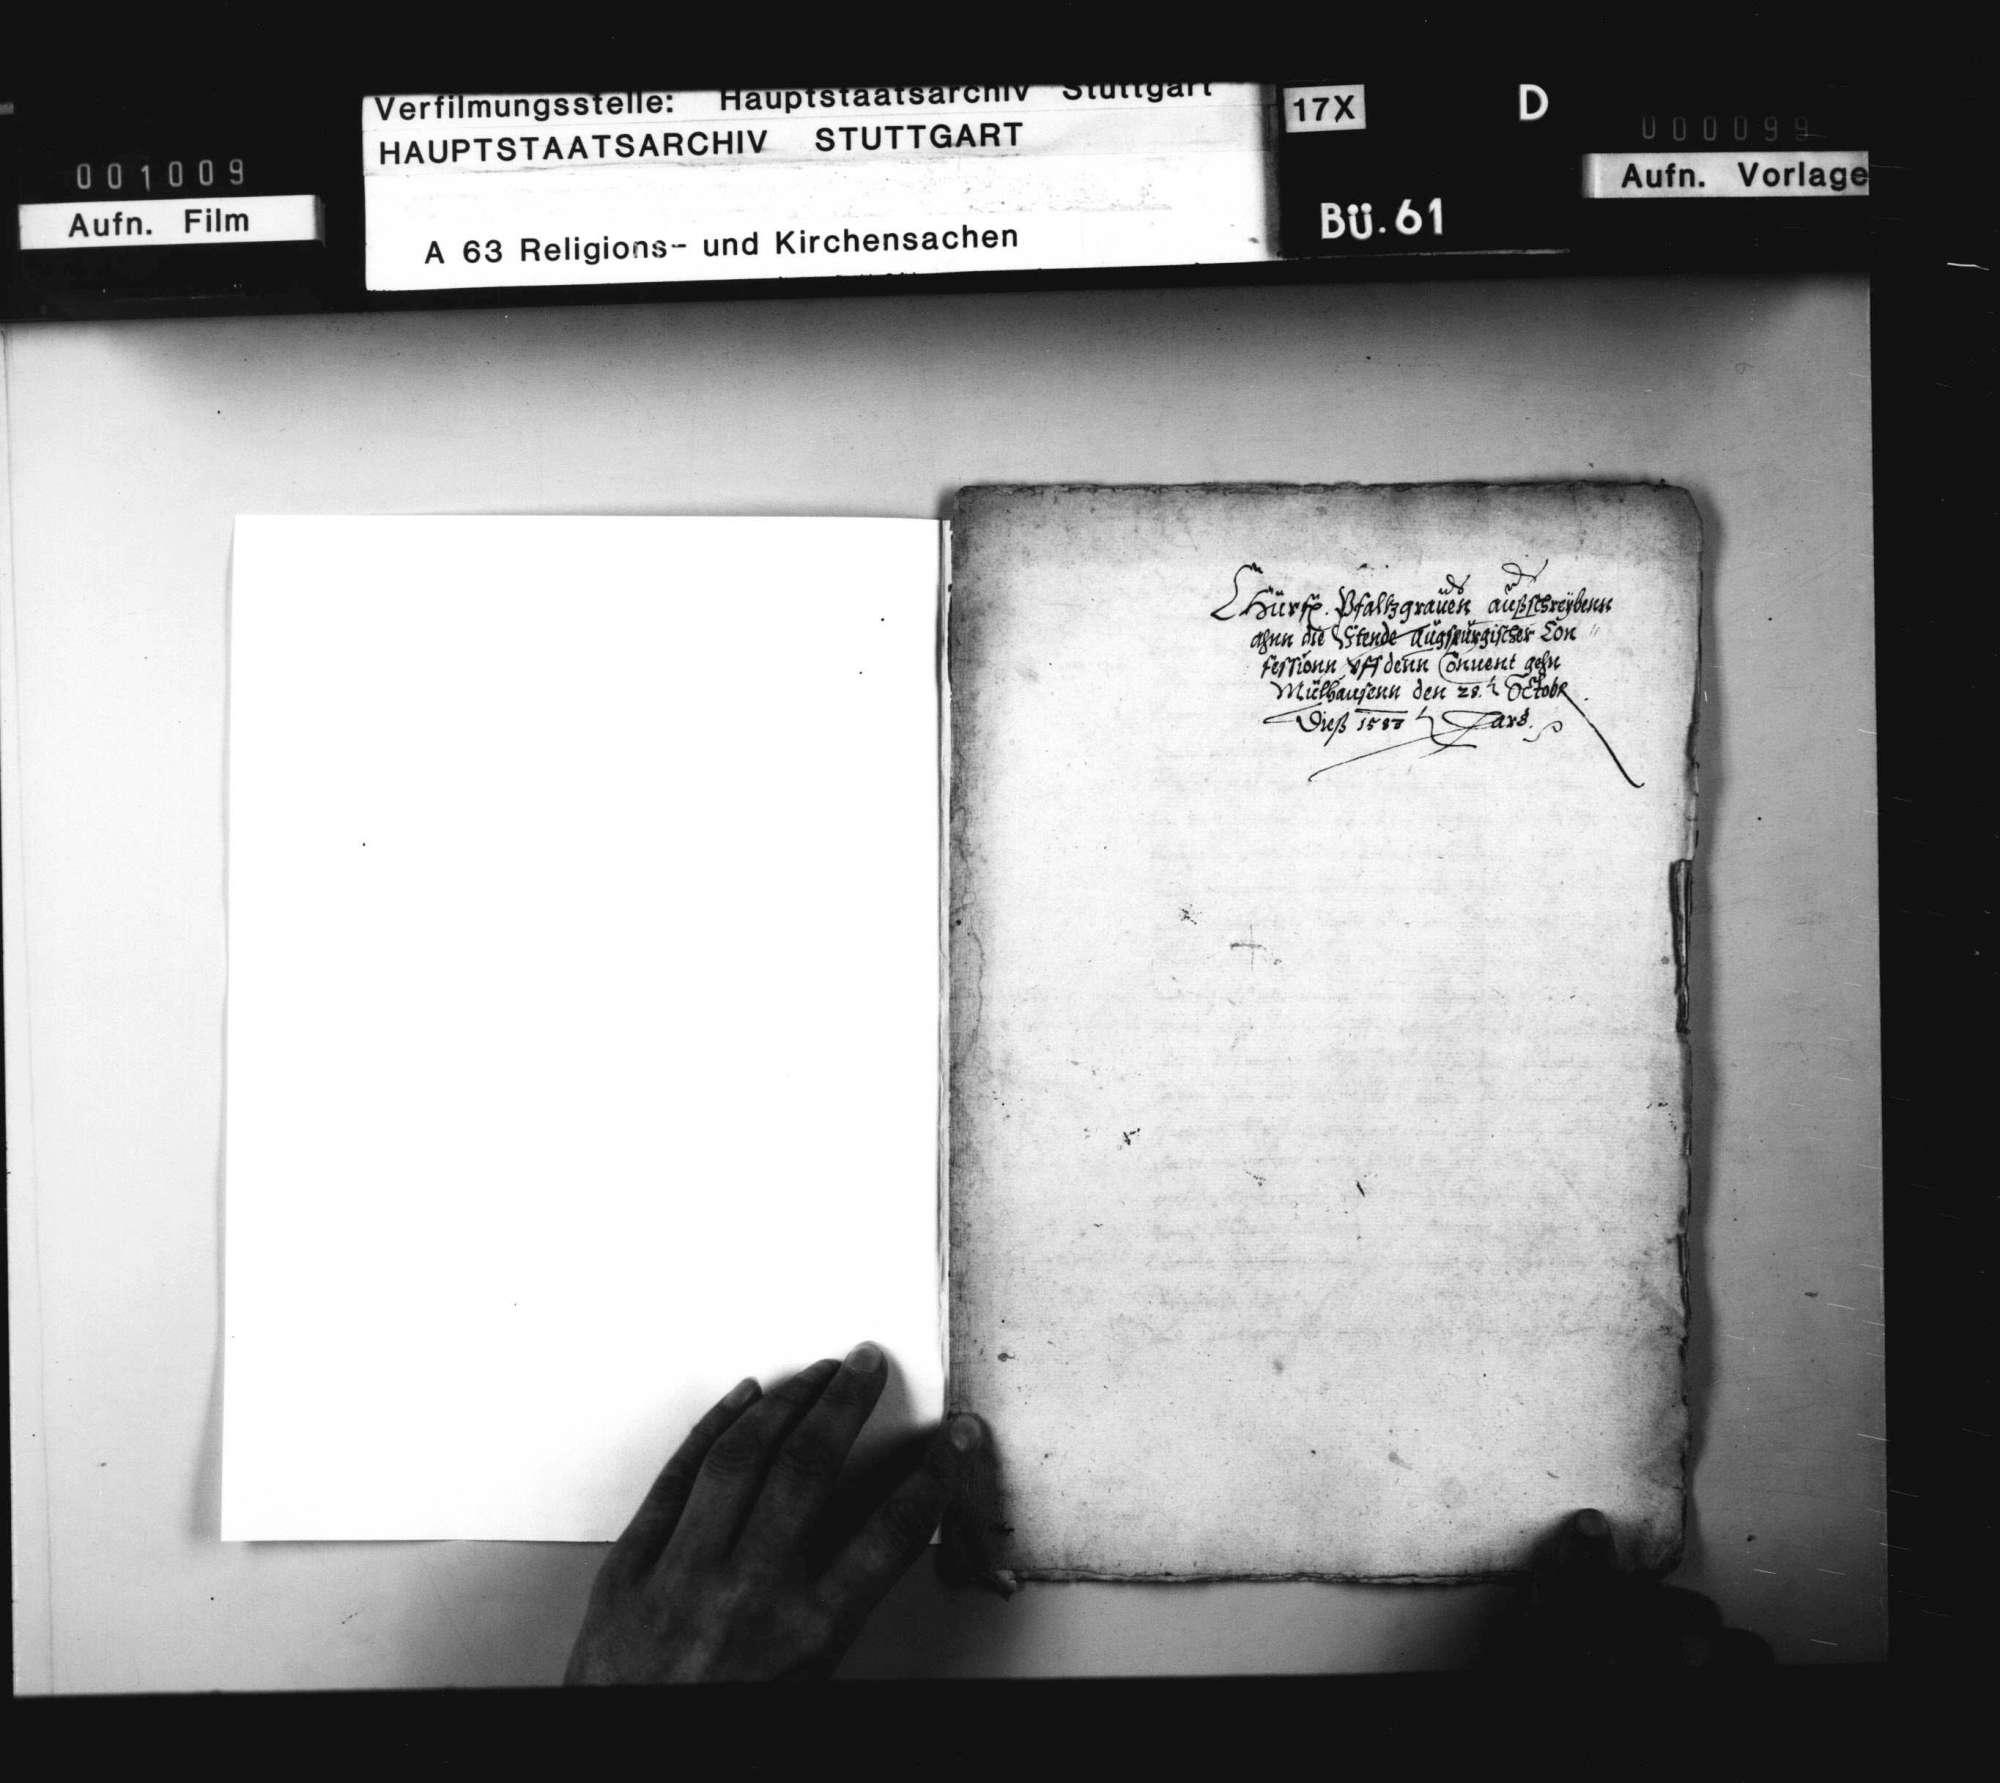 Pfalzgraf Ludwigs Einladung an die Stände Augsburger Konfession zu einem Konvent nach Mühlhausen. Abschrift, Bild 1